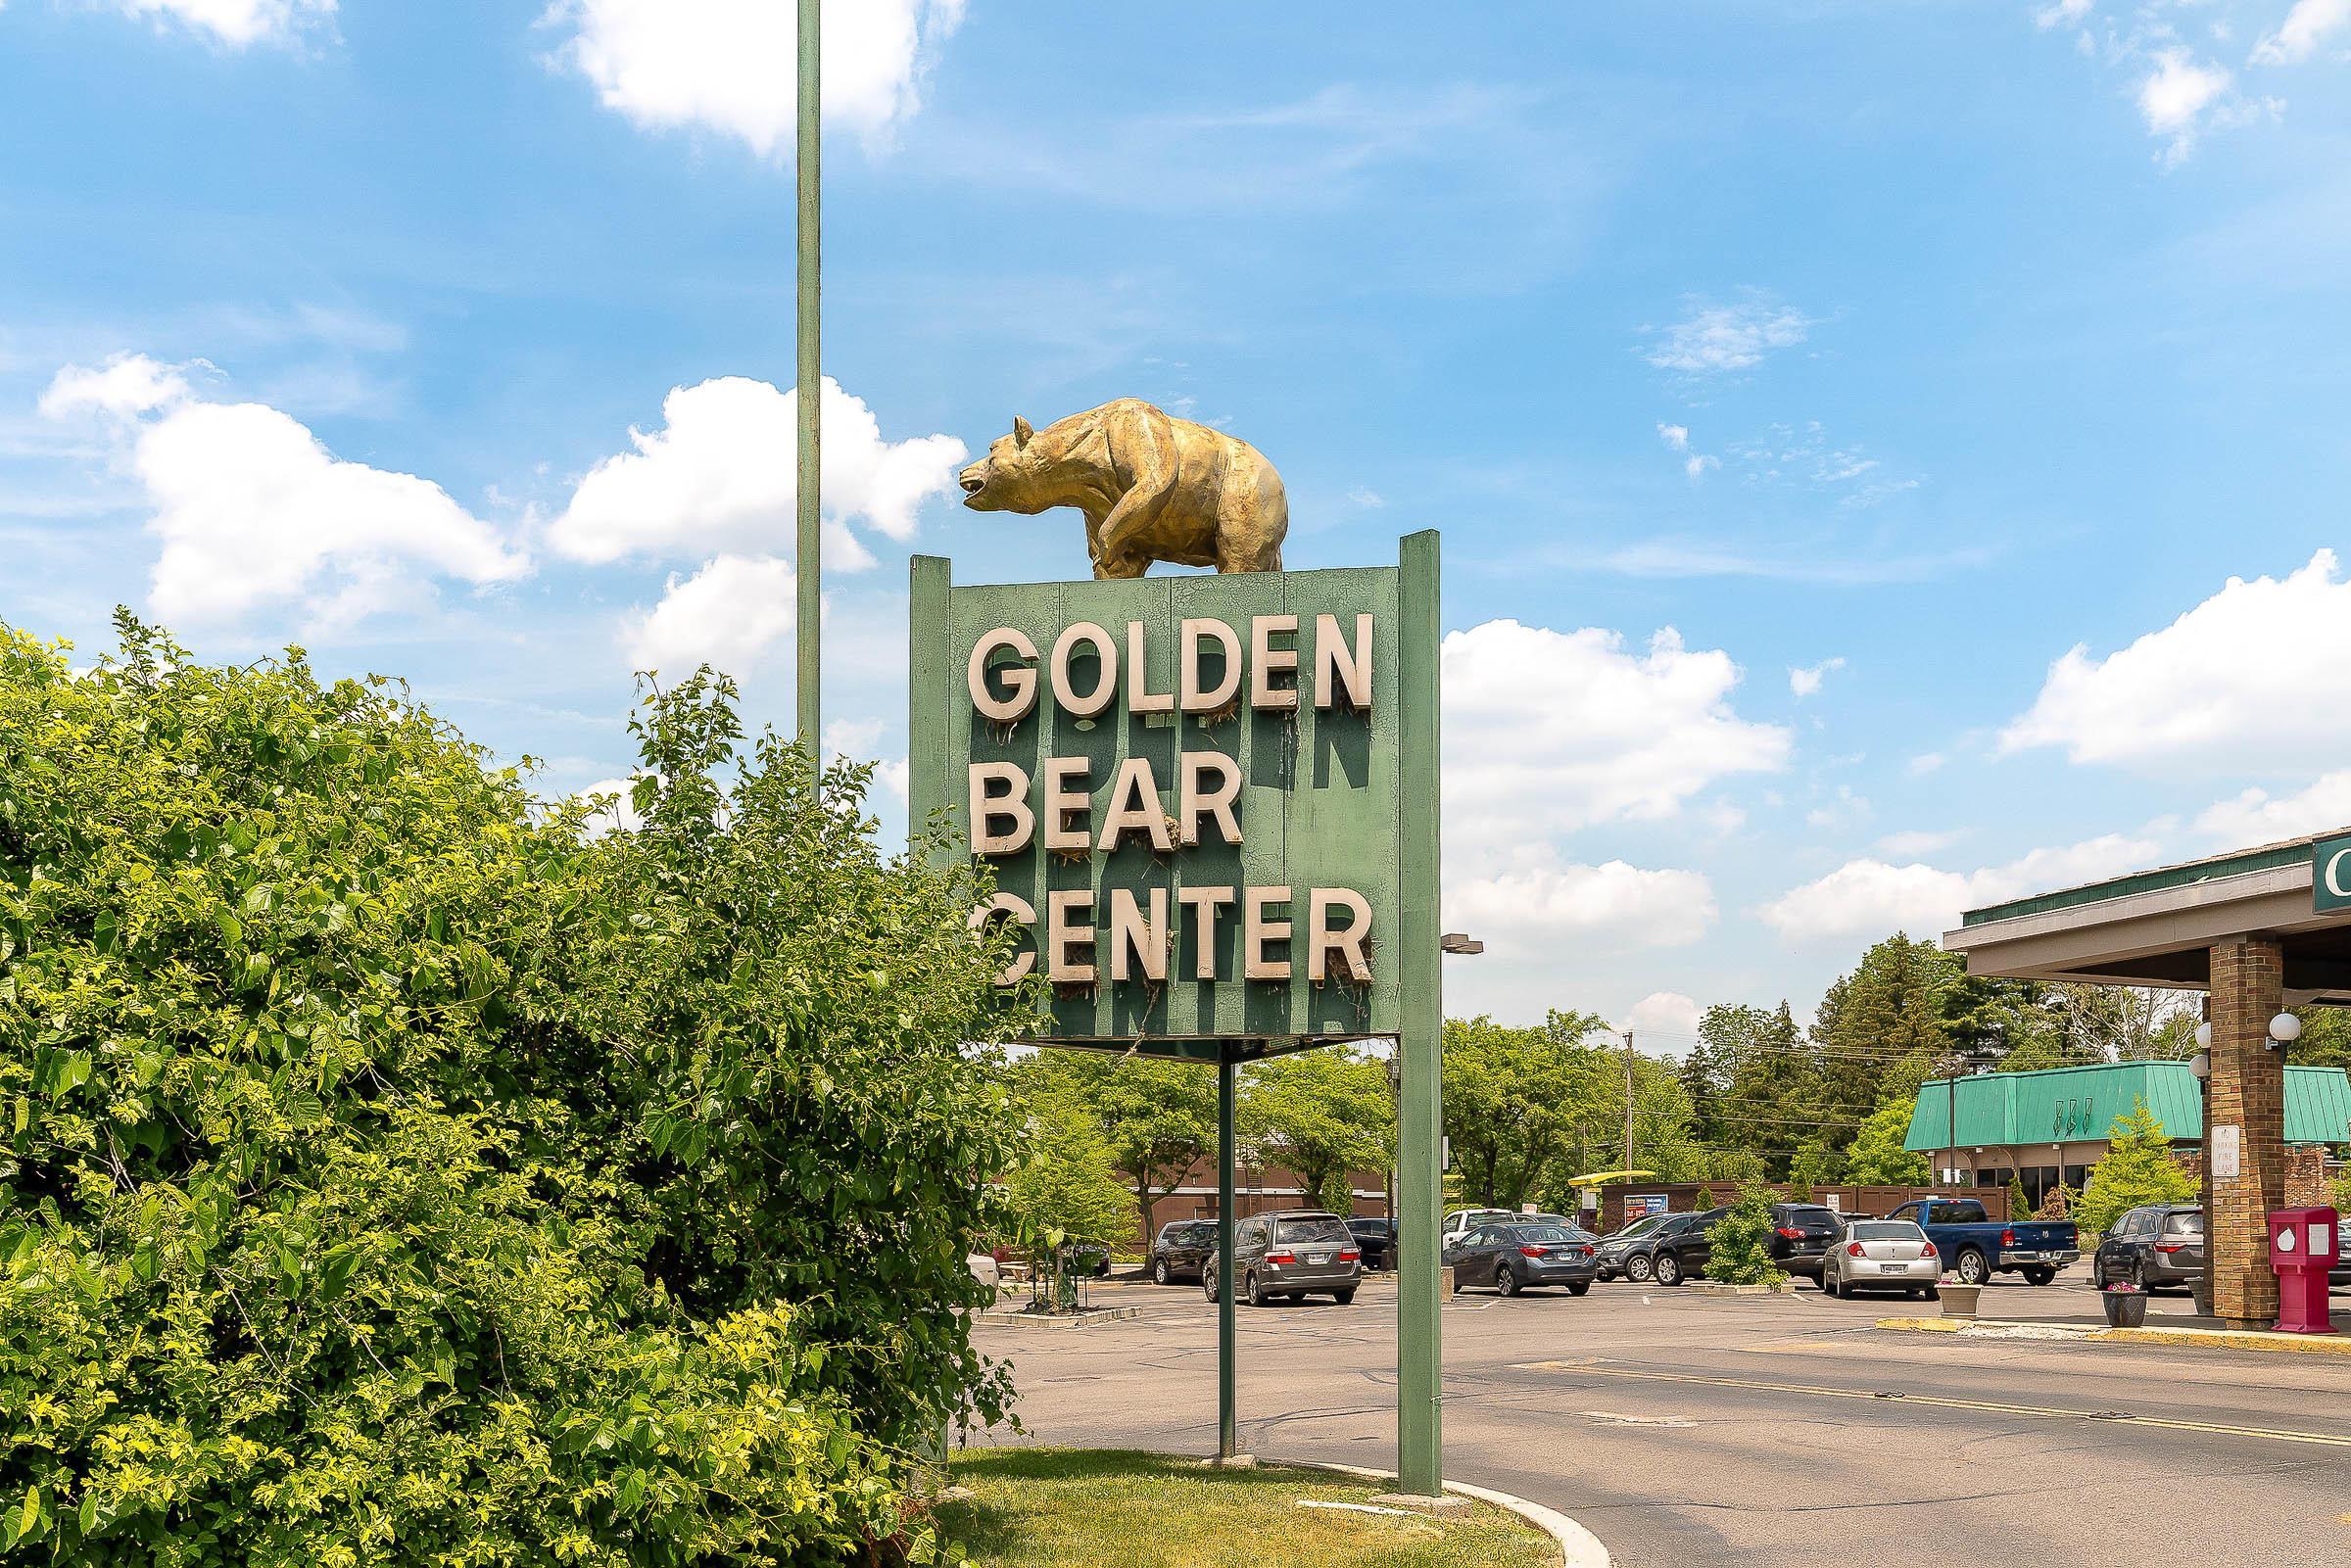 Golden Bear Center